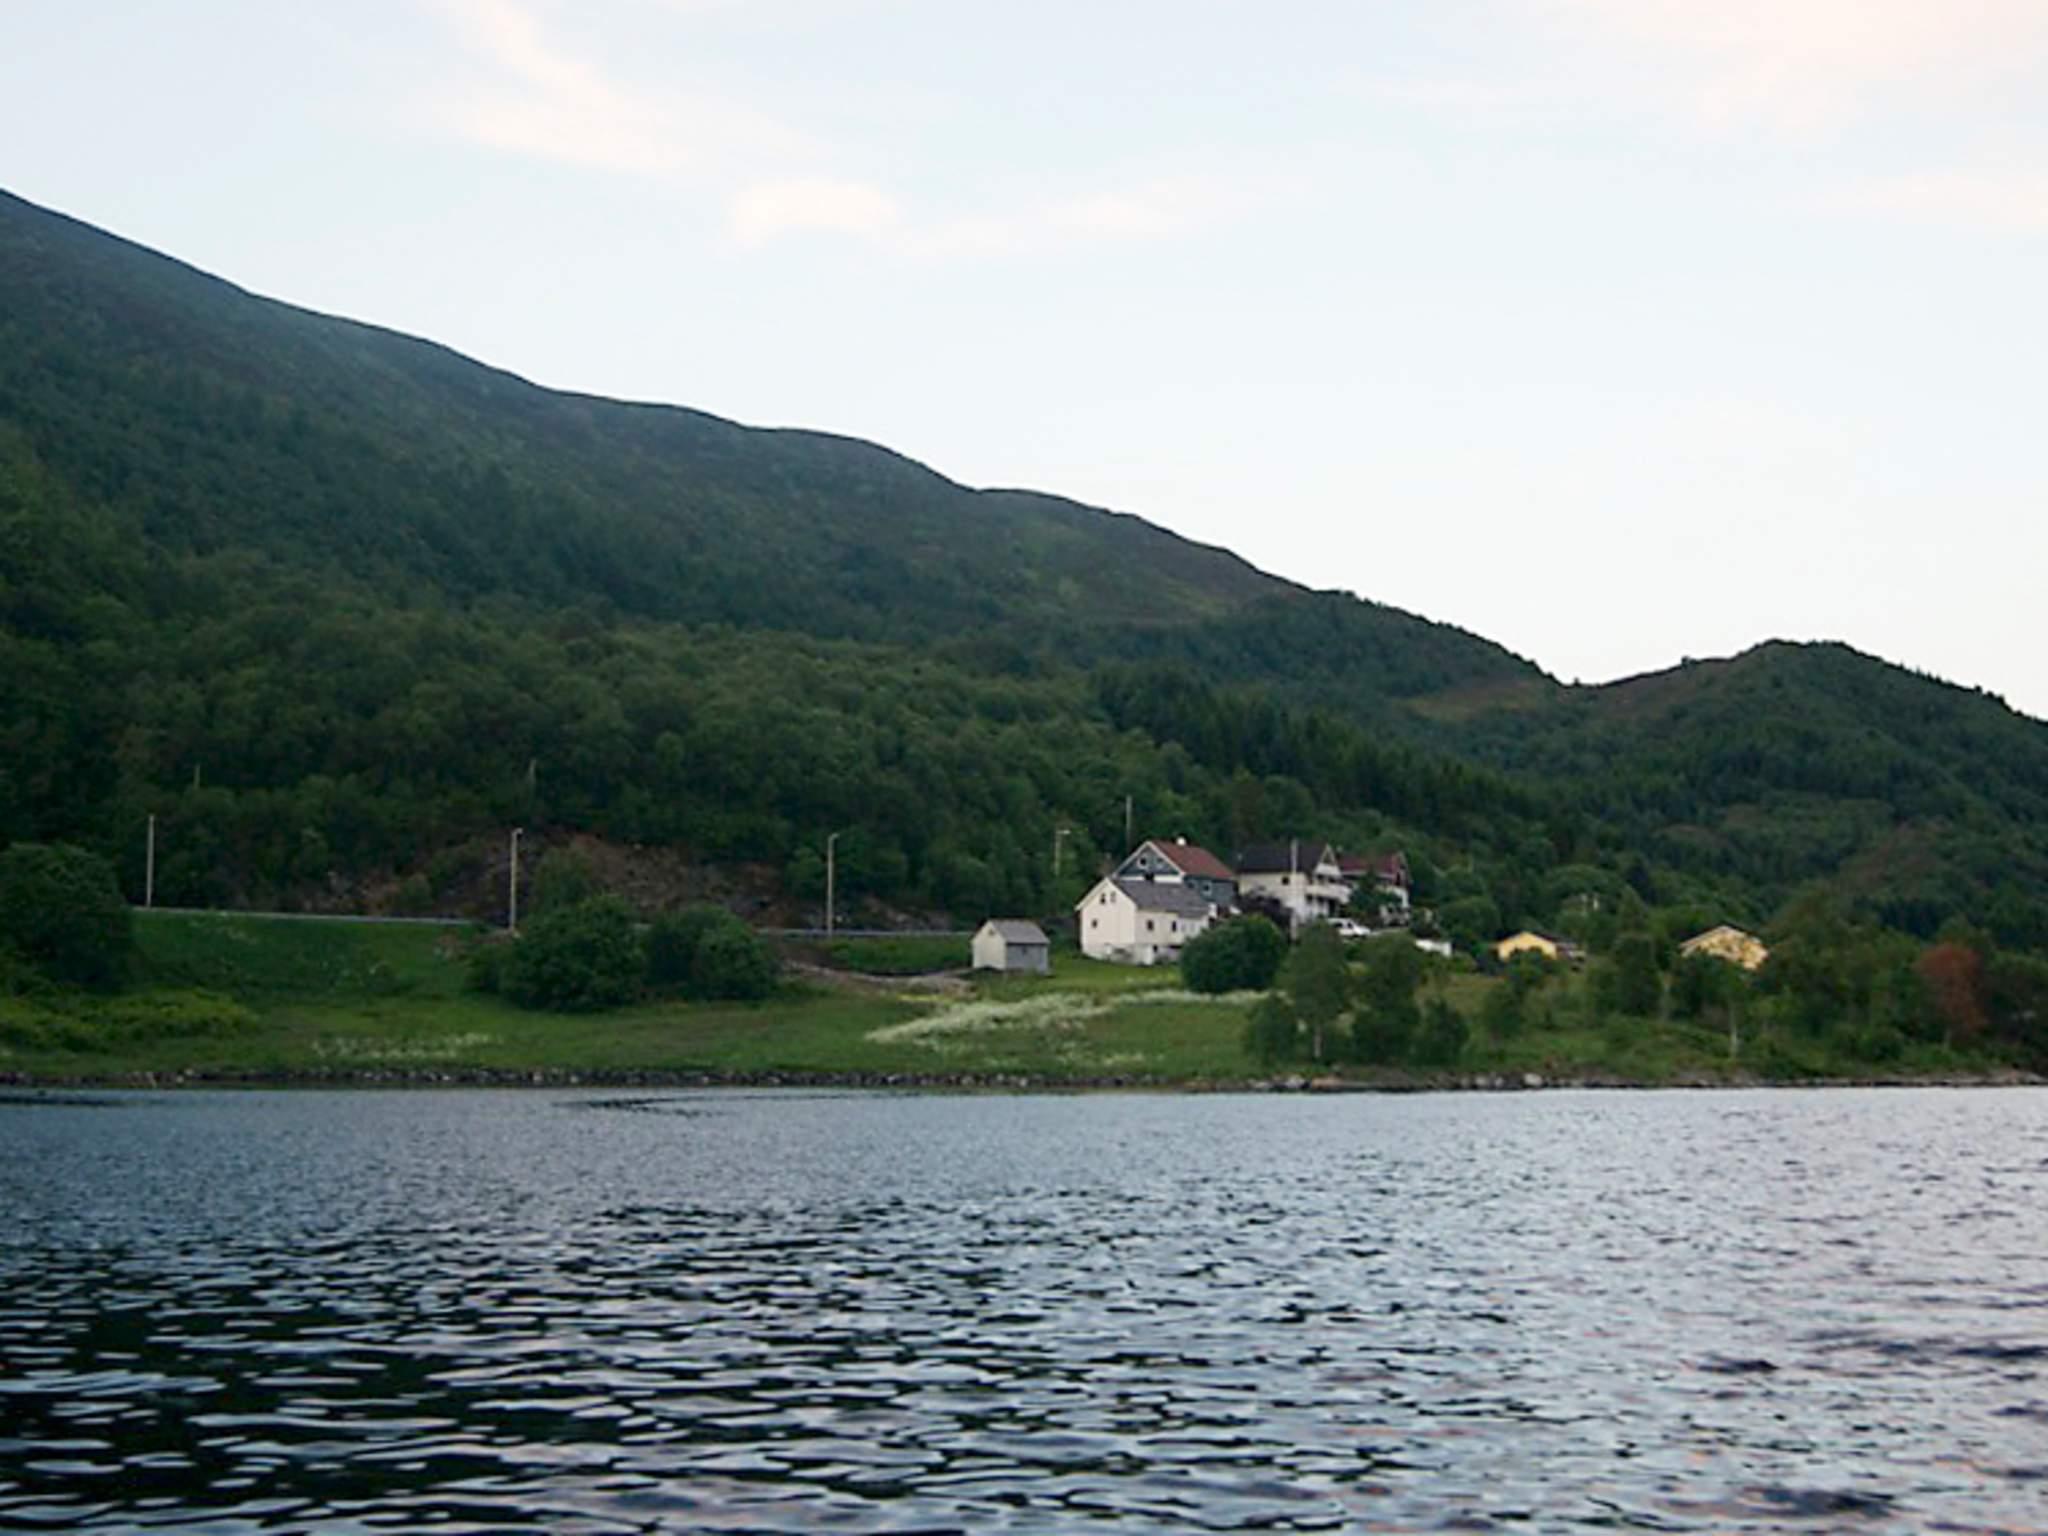 Ferienhaus Haugsbygda (479853), Haugsbygda, More - Romsdal, Westnorwegen, Norwegen, Bild 33